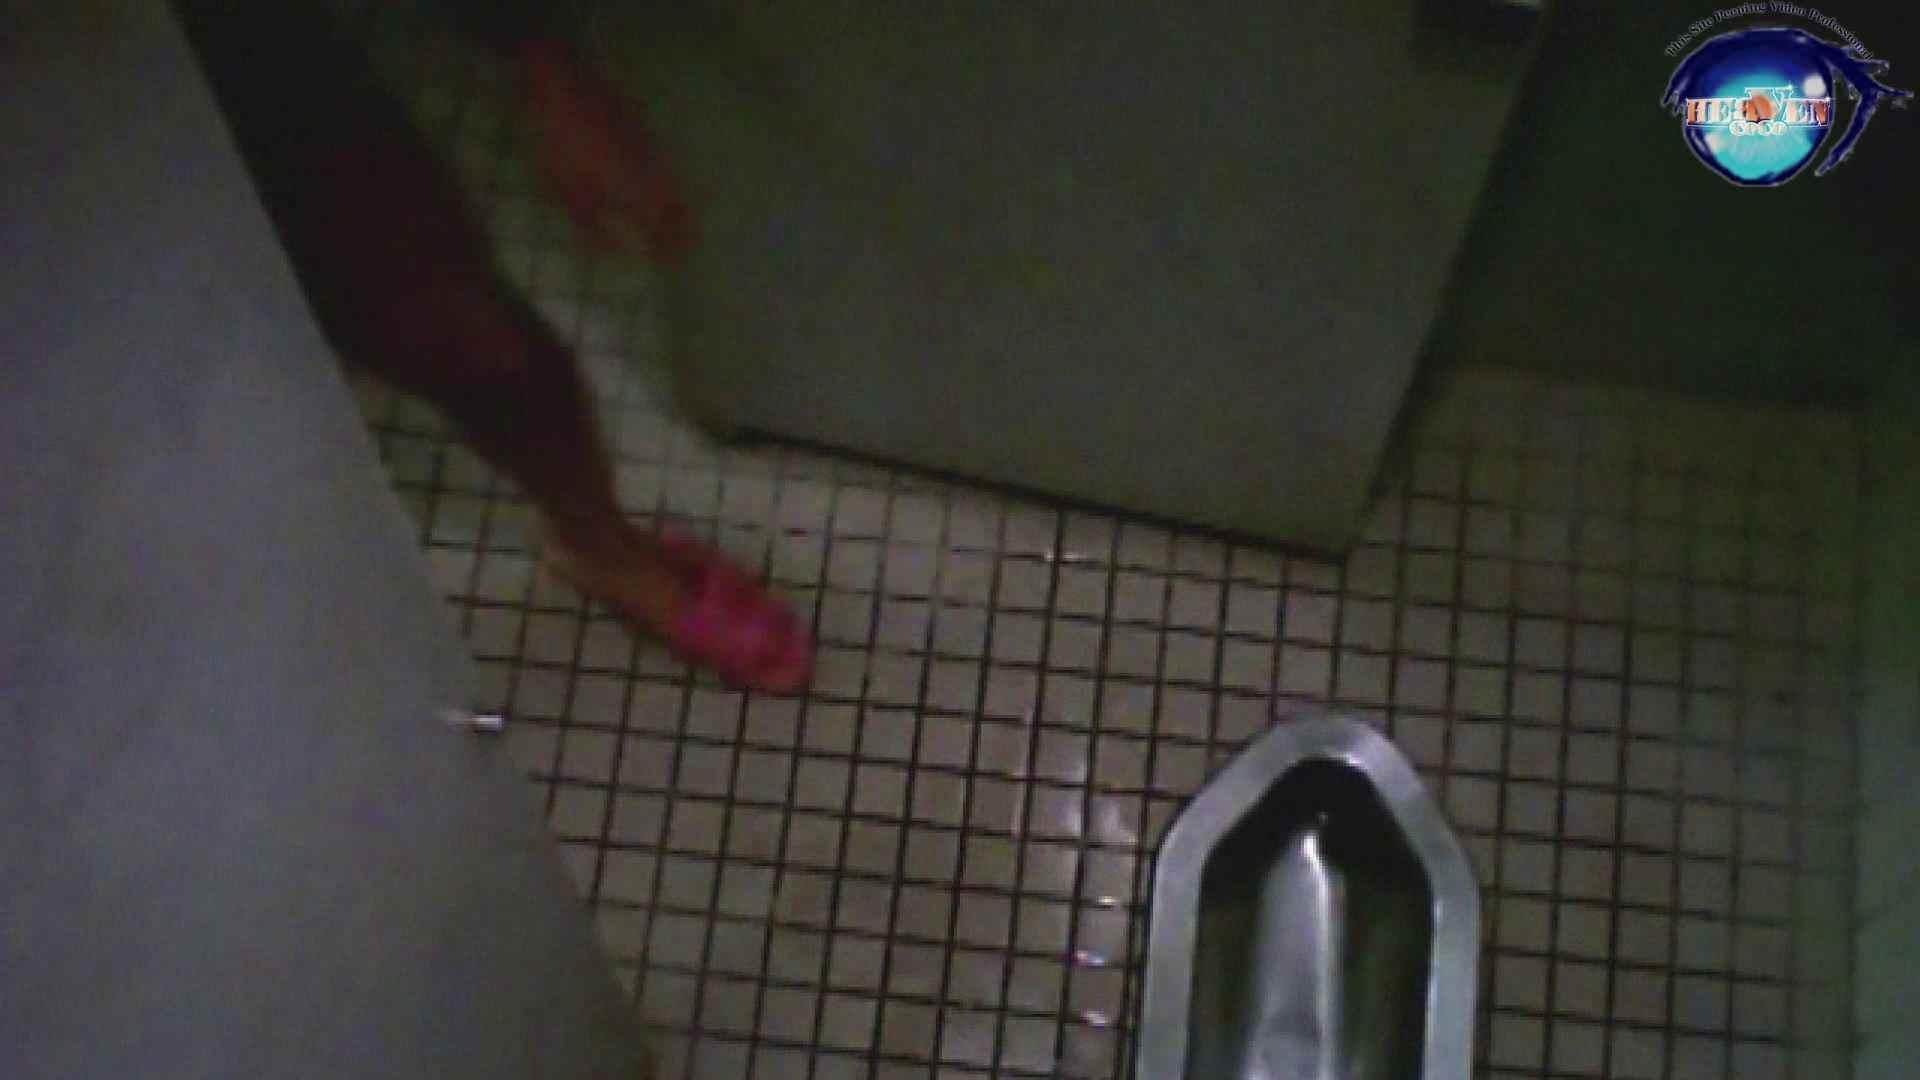 水泳大会選手の聖水 vol.09 トイレ突入 | 厠隠し撮り  85pic 46